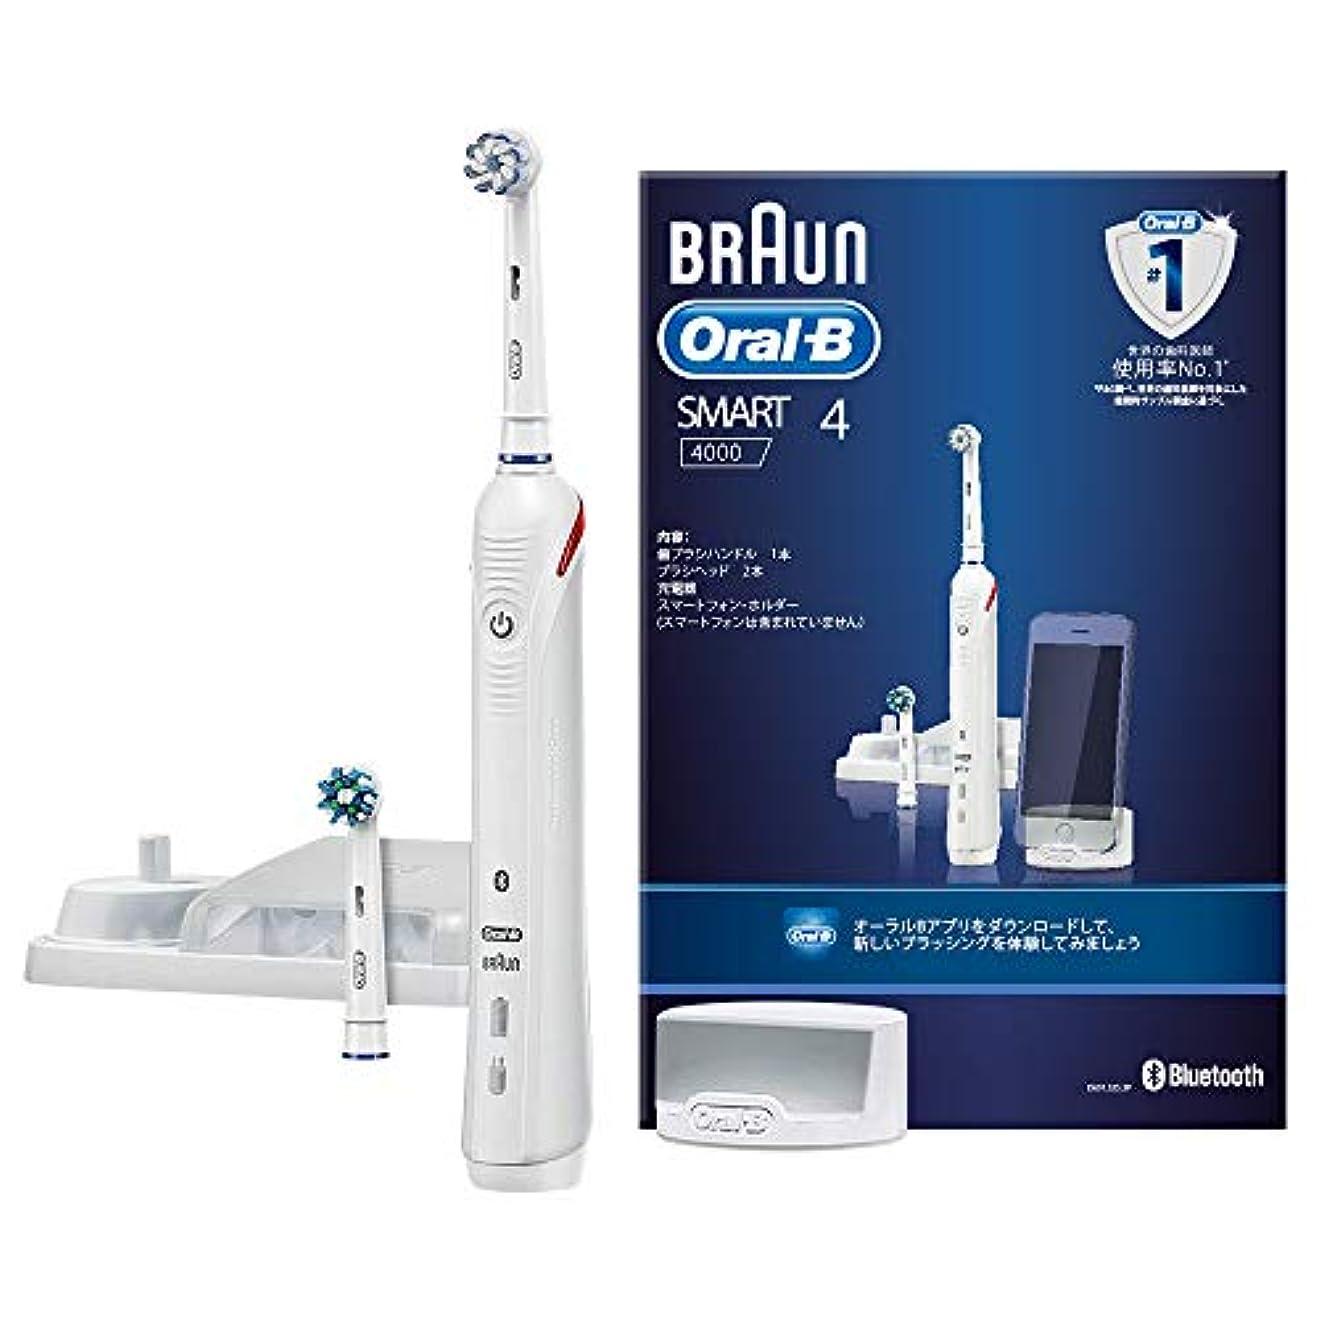 伝える藤色所得ブラウン オーラルB 電動歯ブラシ スマート4000 D6015253P